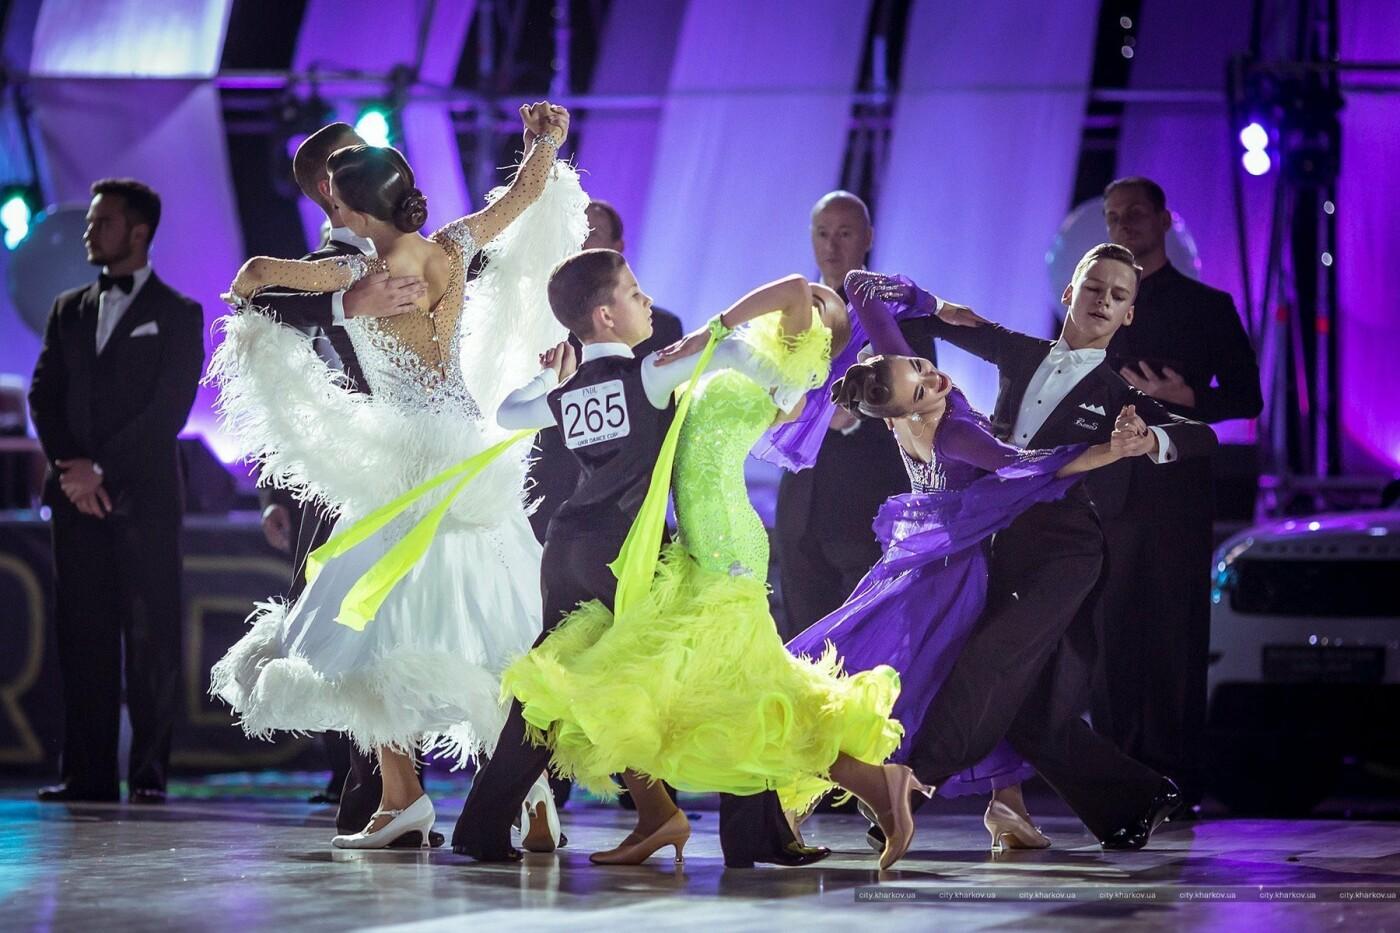 В Харькове прошел Международный фестиваль спортивного бального танца, - ФОТО, фото-2